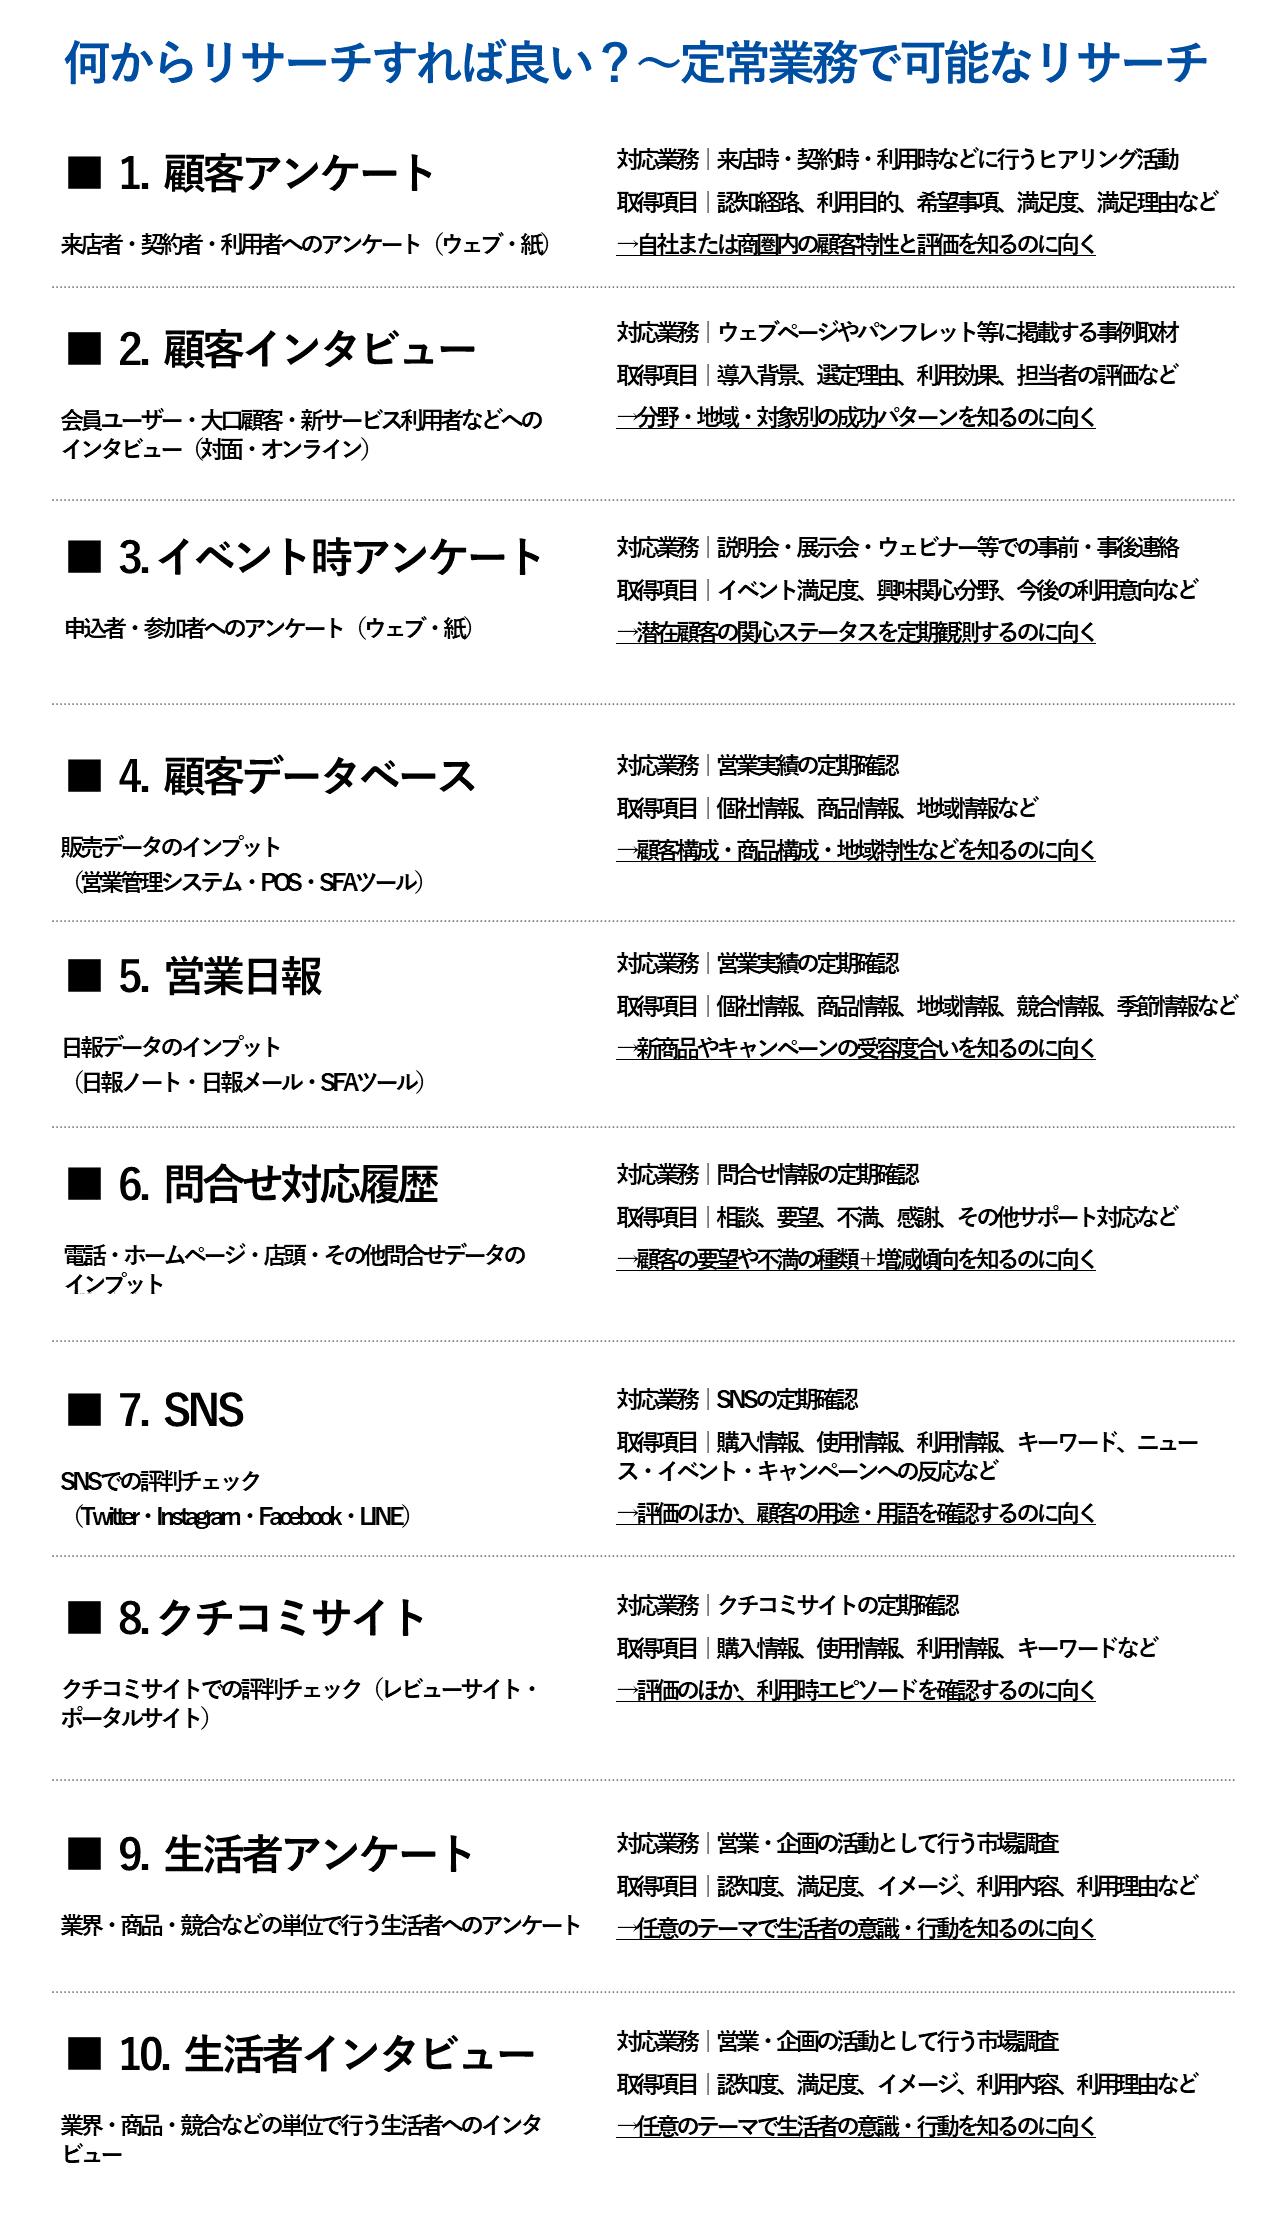 リサーチチェックリスト